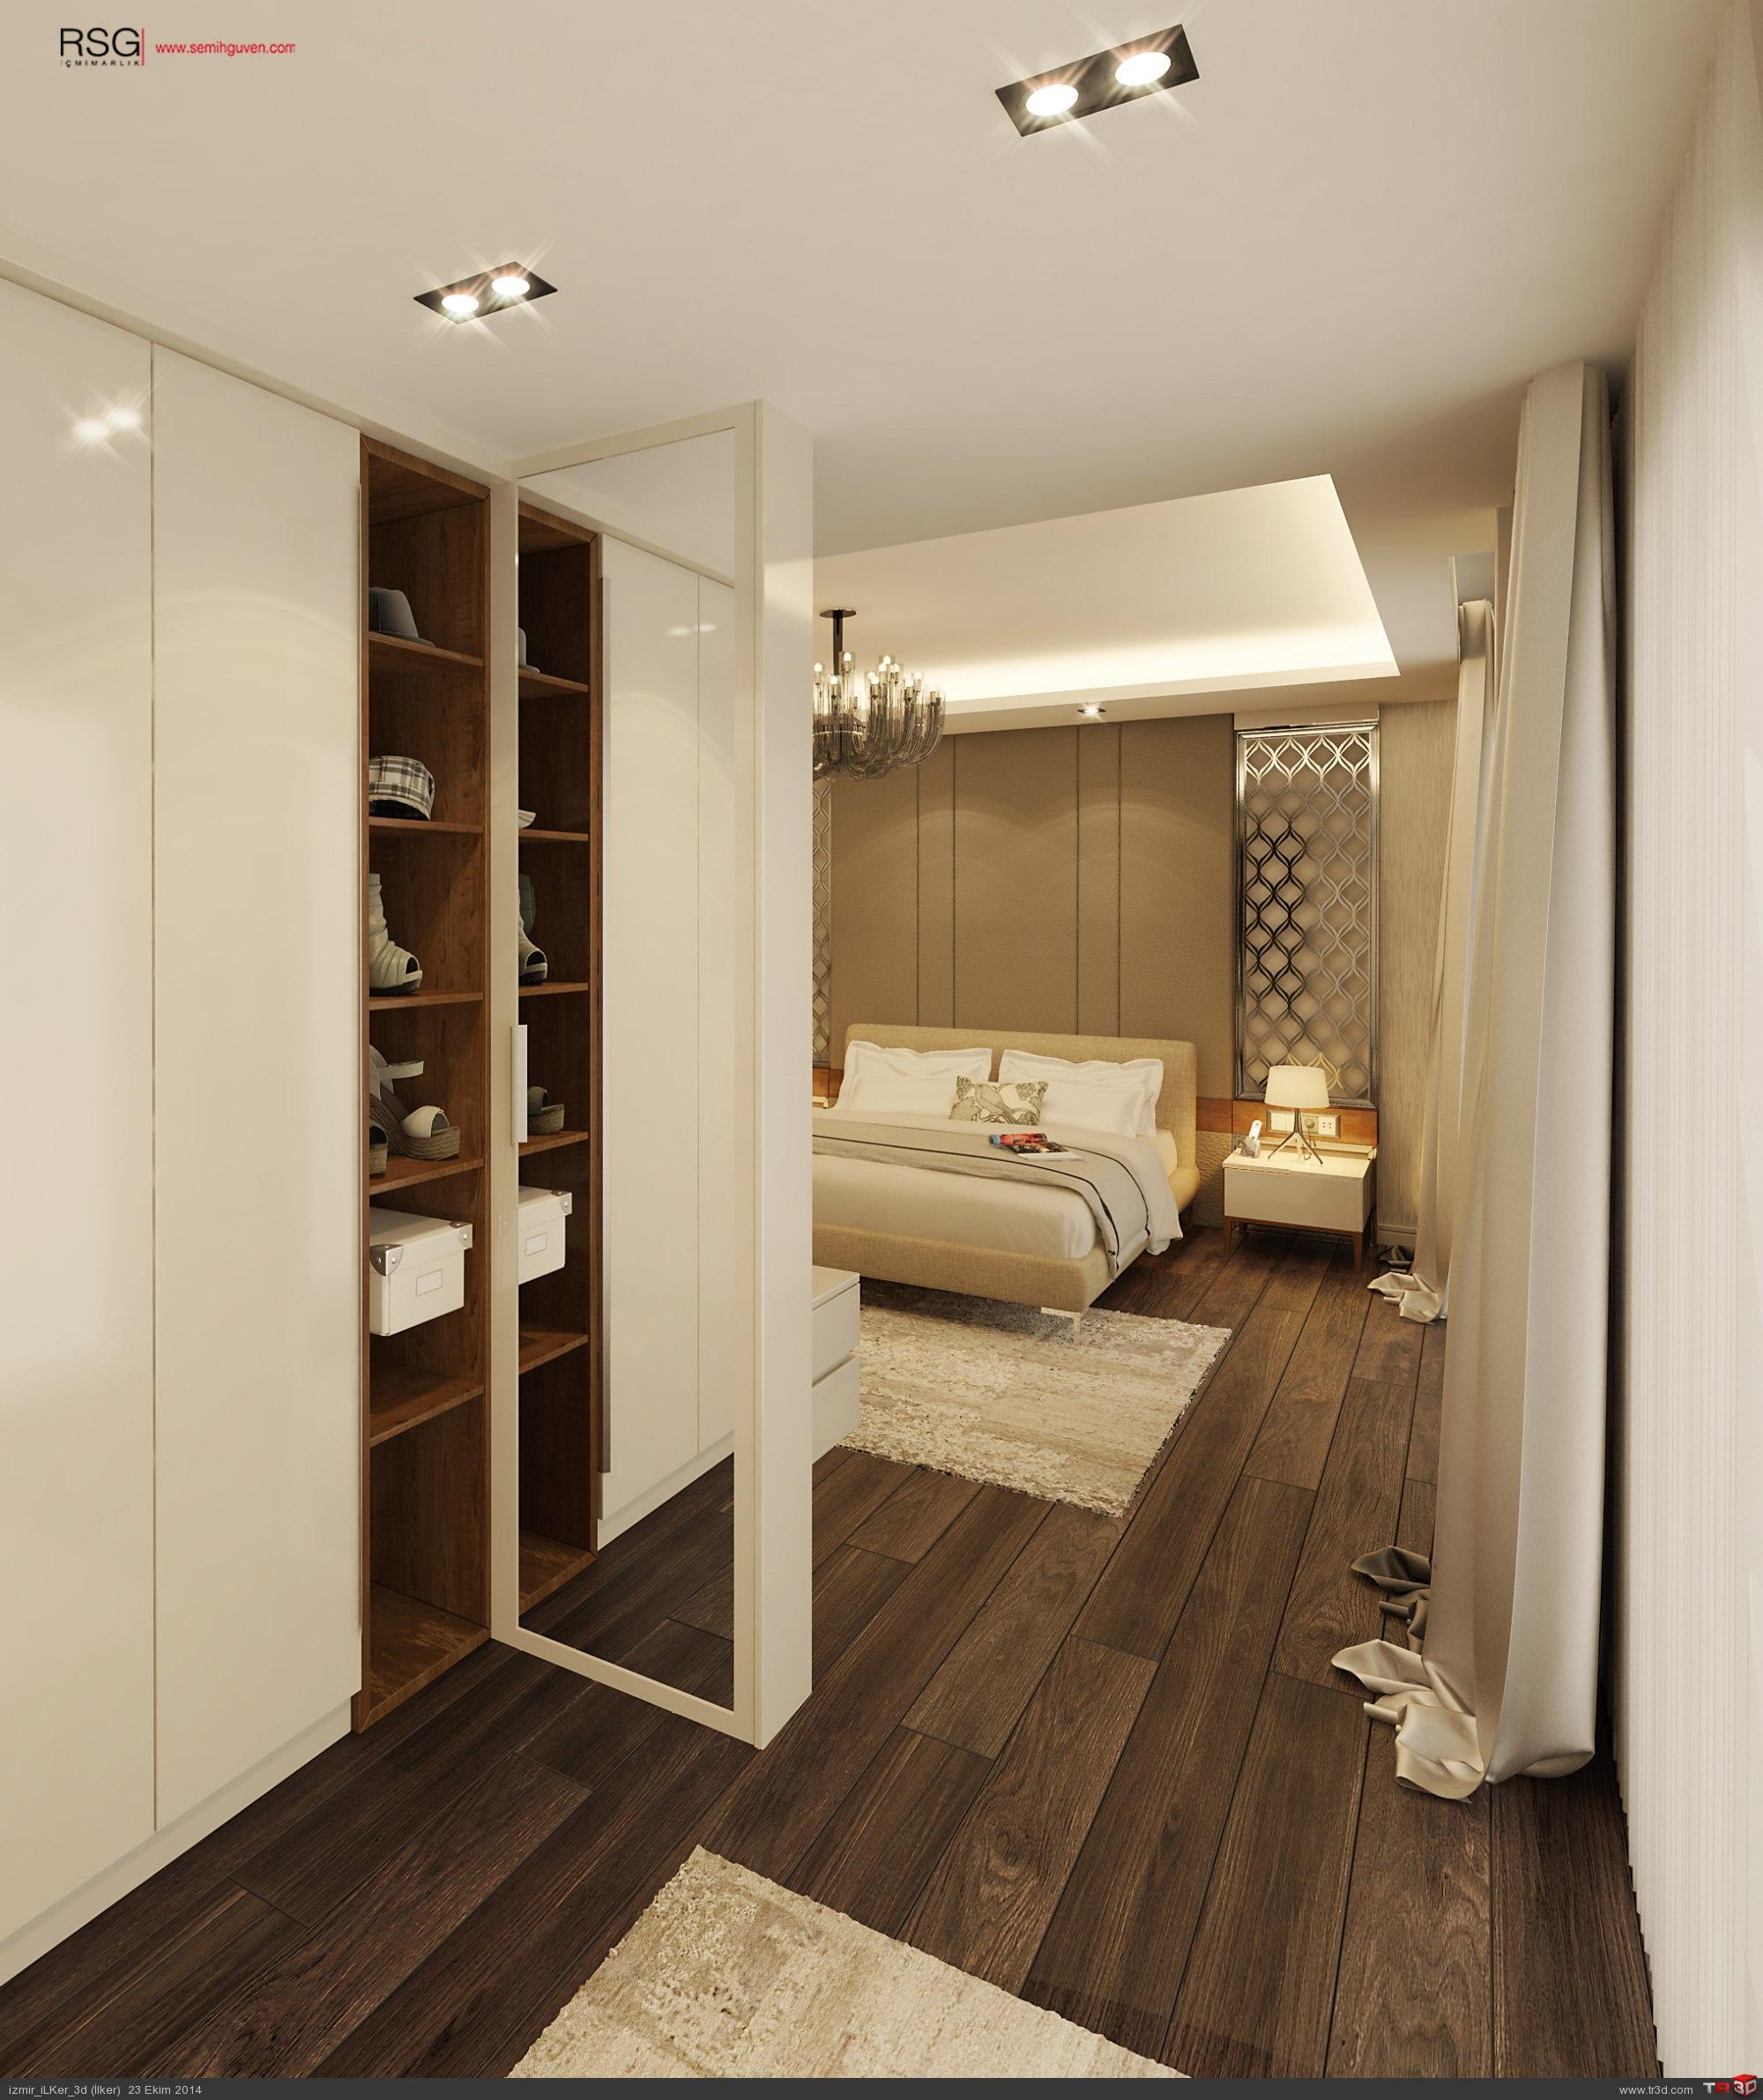 Mutfak & Yatak Odası & Banyo 4